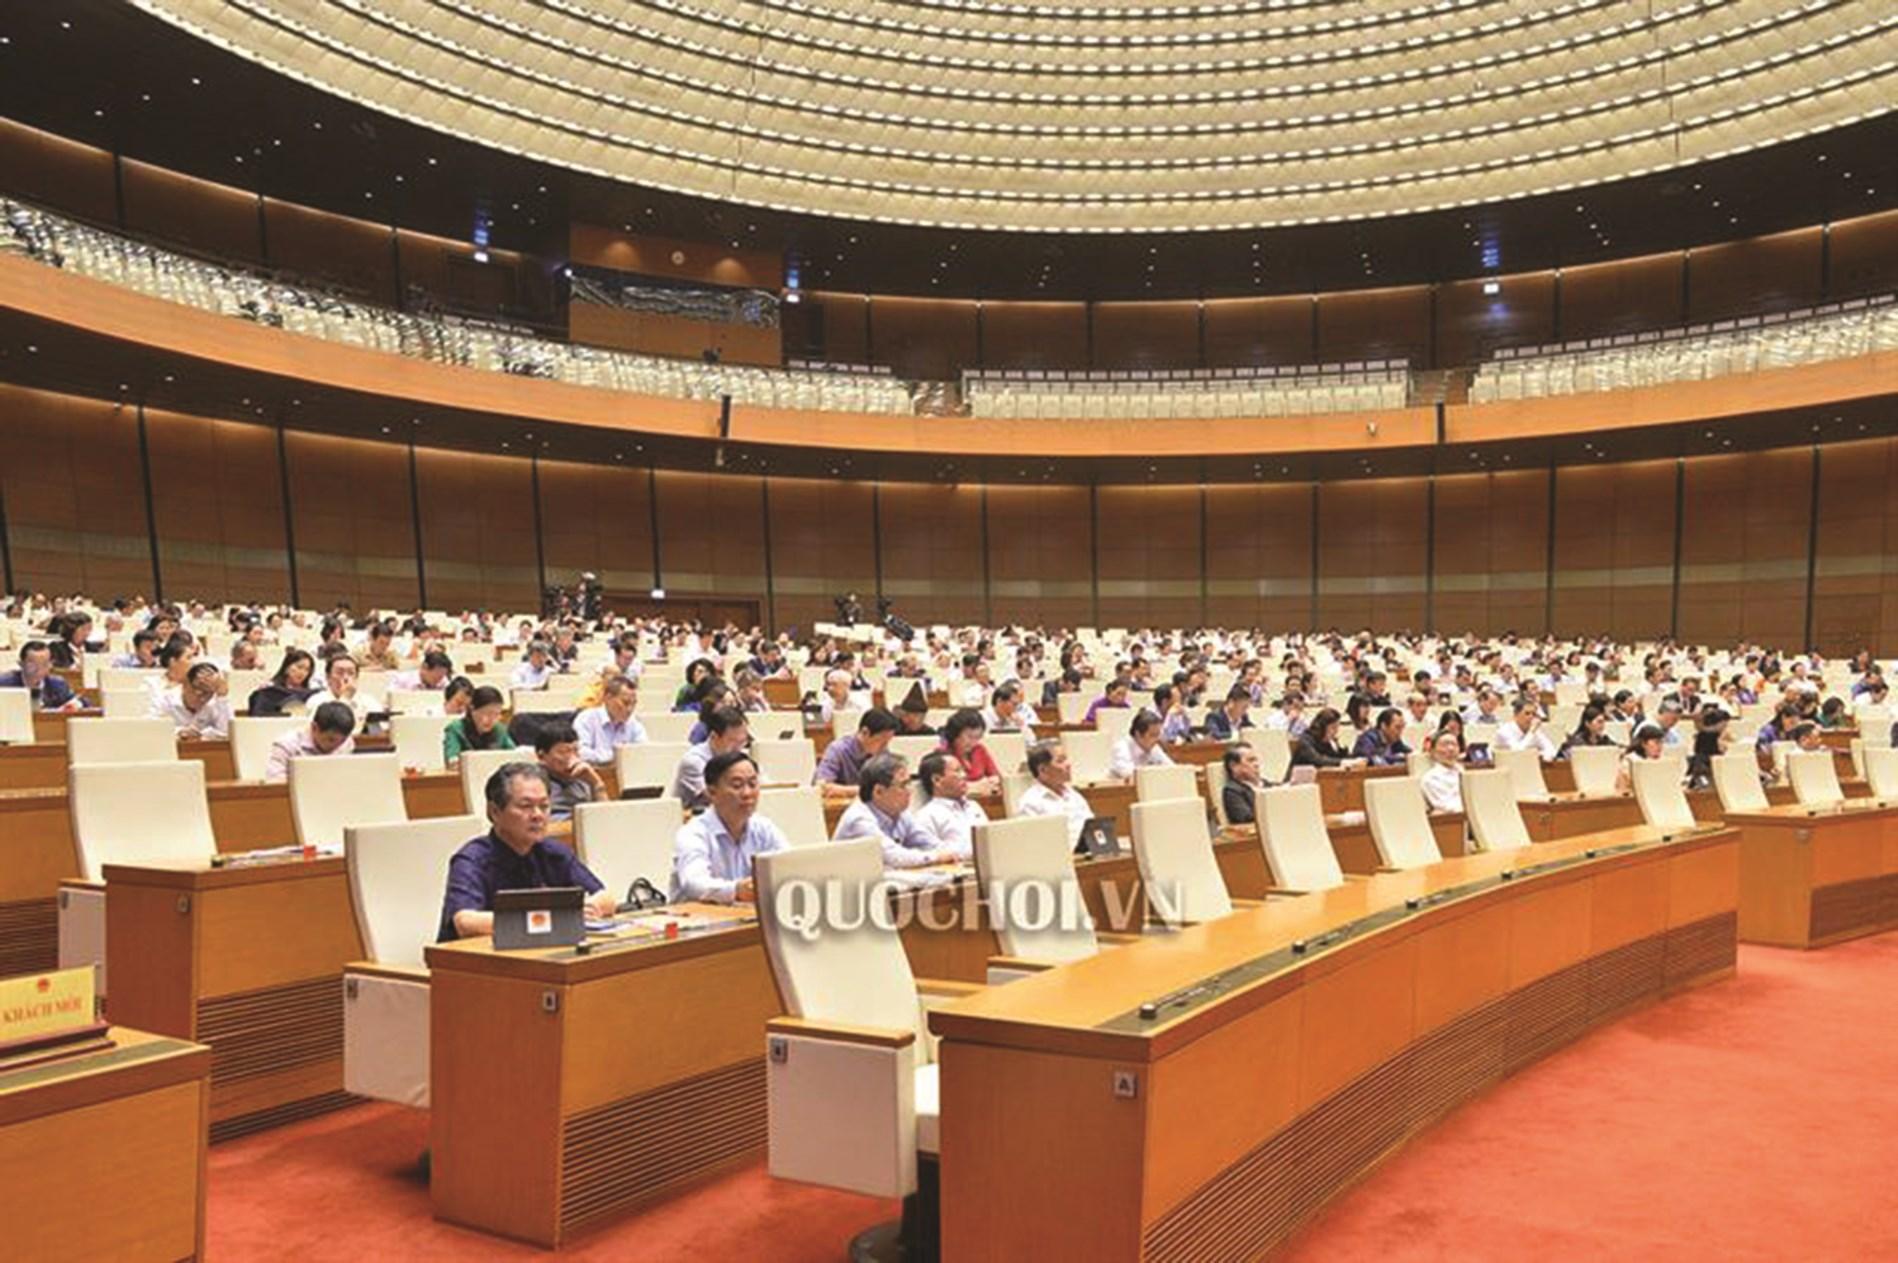 Đại biểu Quốc hội trong phiên làm việc tại hội trường.